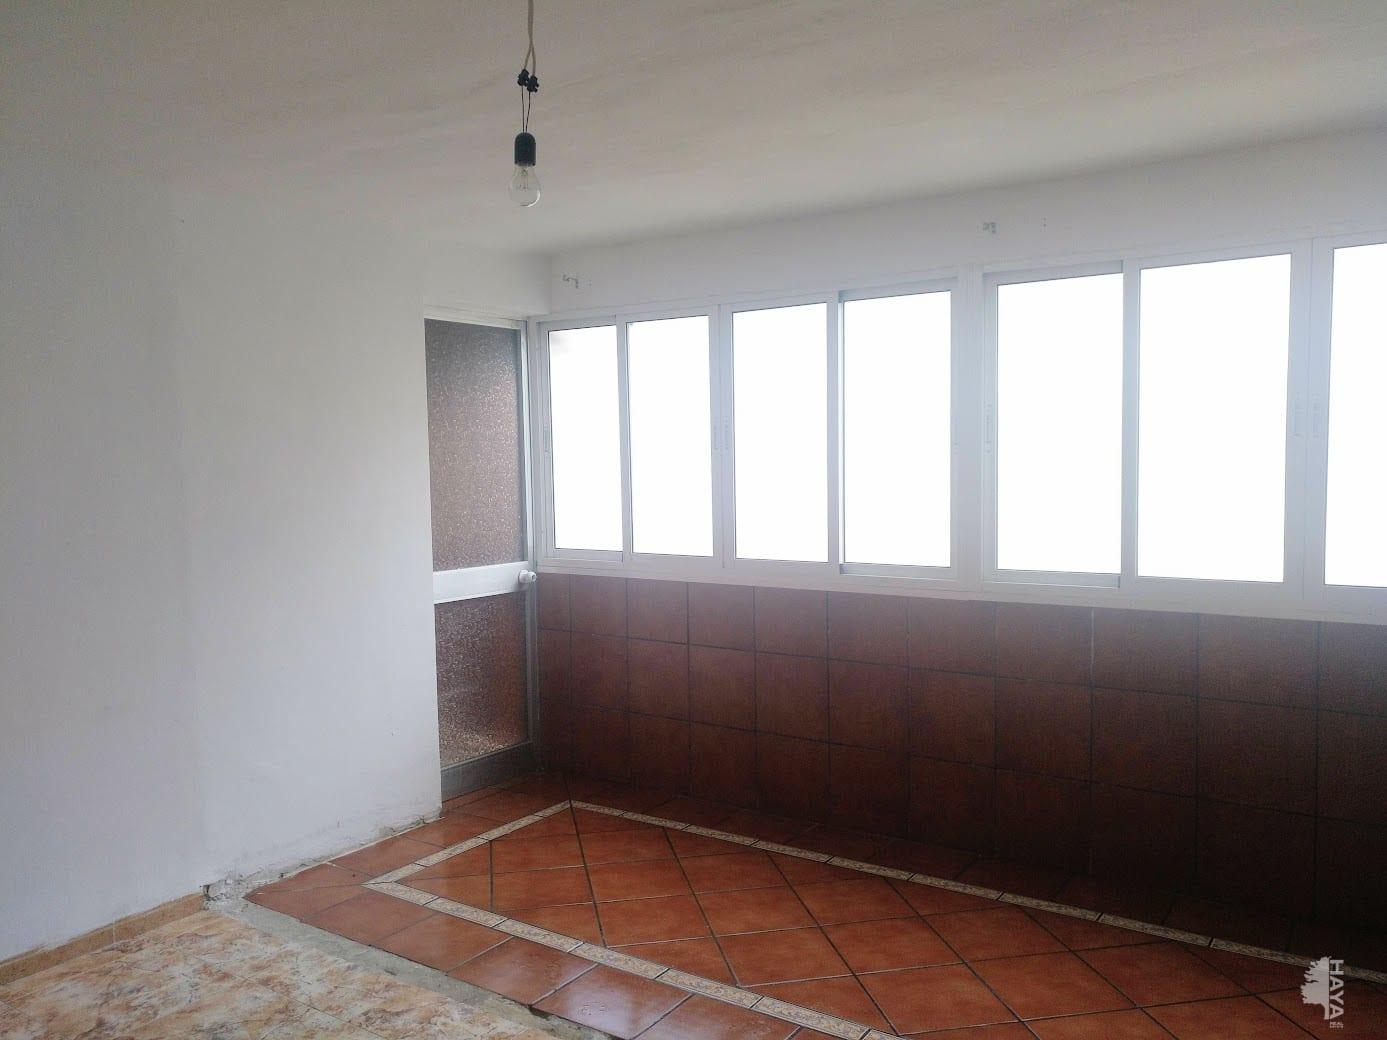 Piso en venta en Barriada Juan de la Cosa, Dos Hermanas, Sevilla, Calle Berruguete, 77.805 €, 3 habitaciones, 1 baño, 80 m2